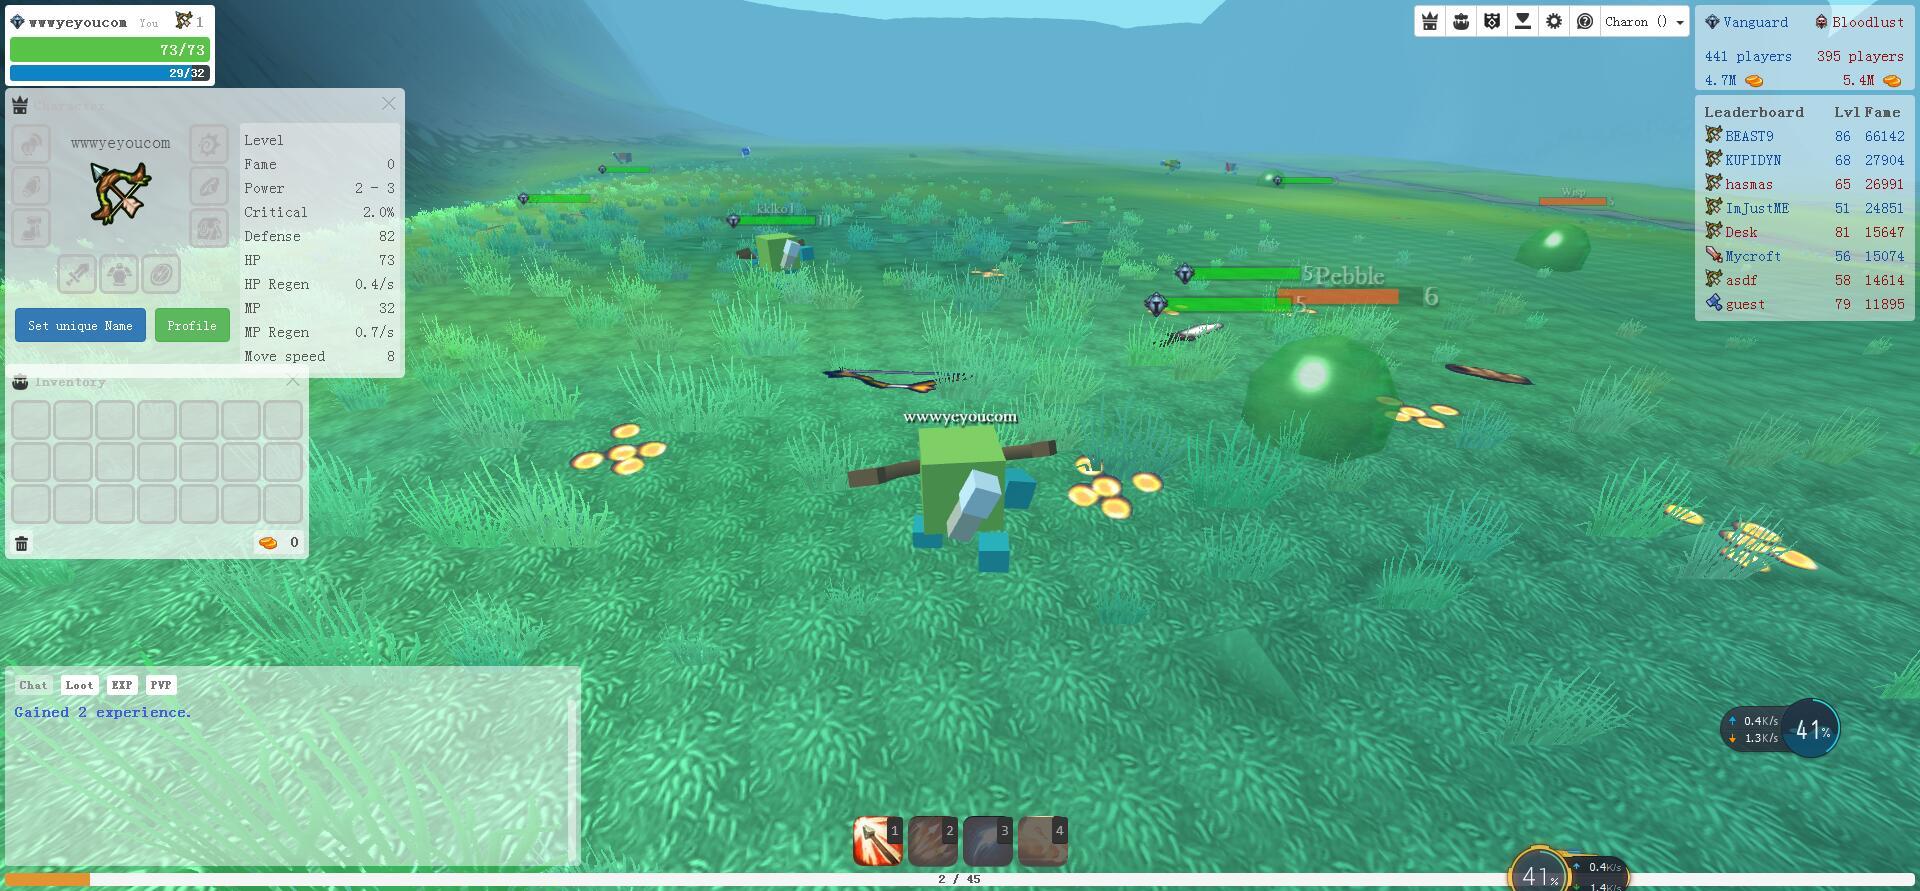 《部落大作战》游戏截图